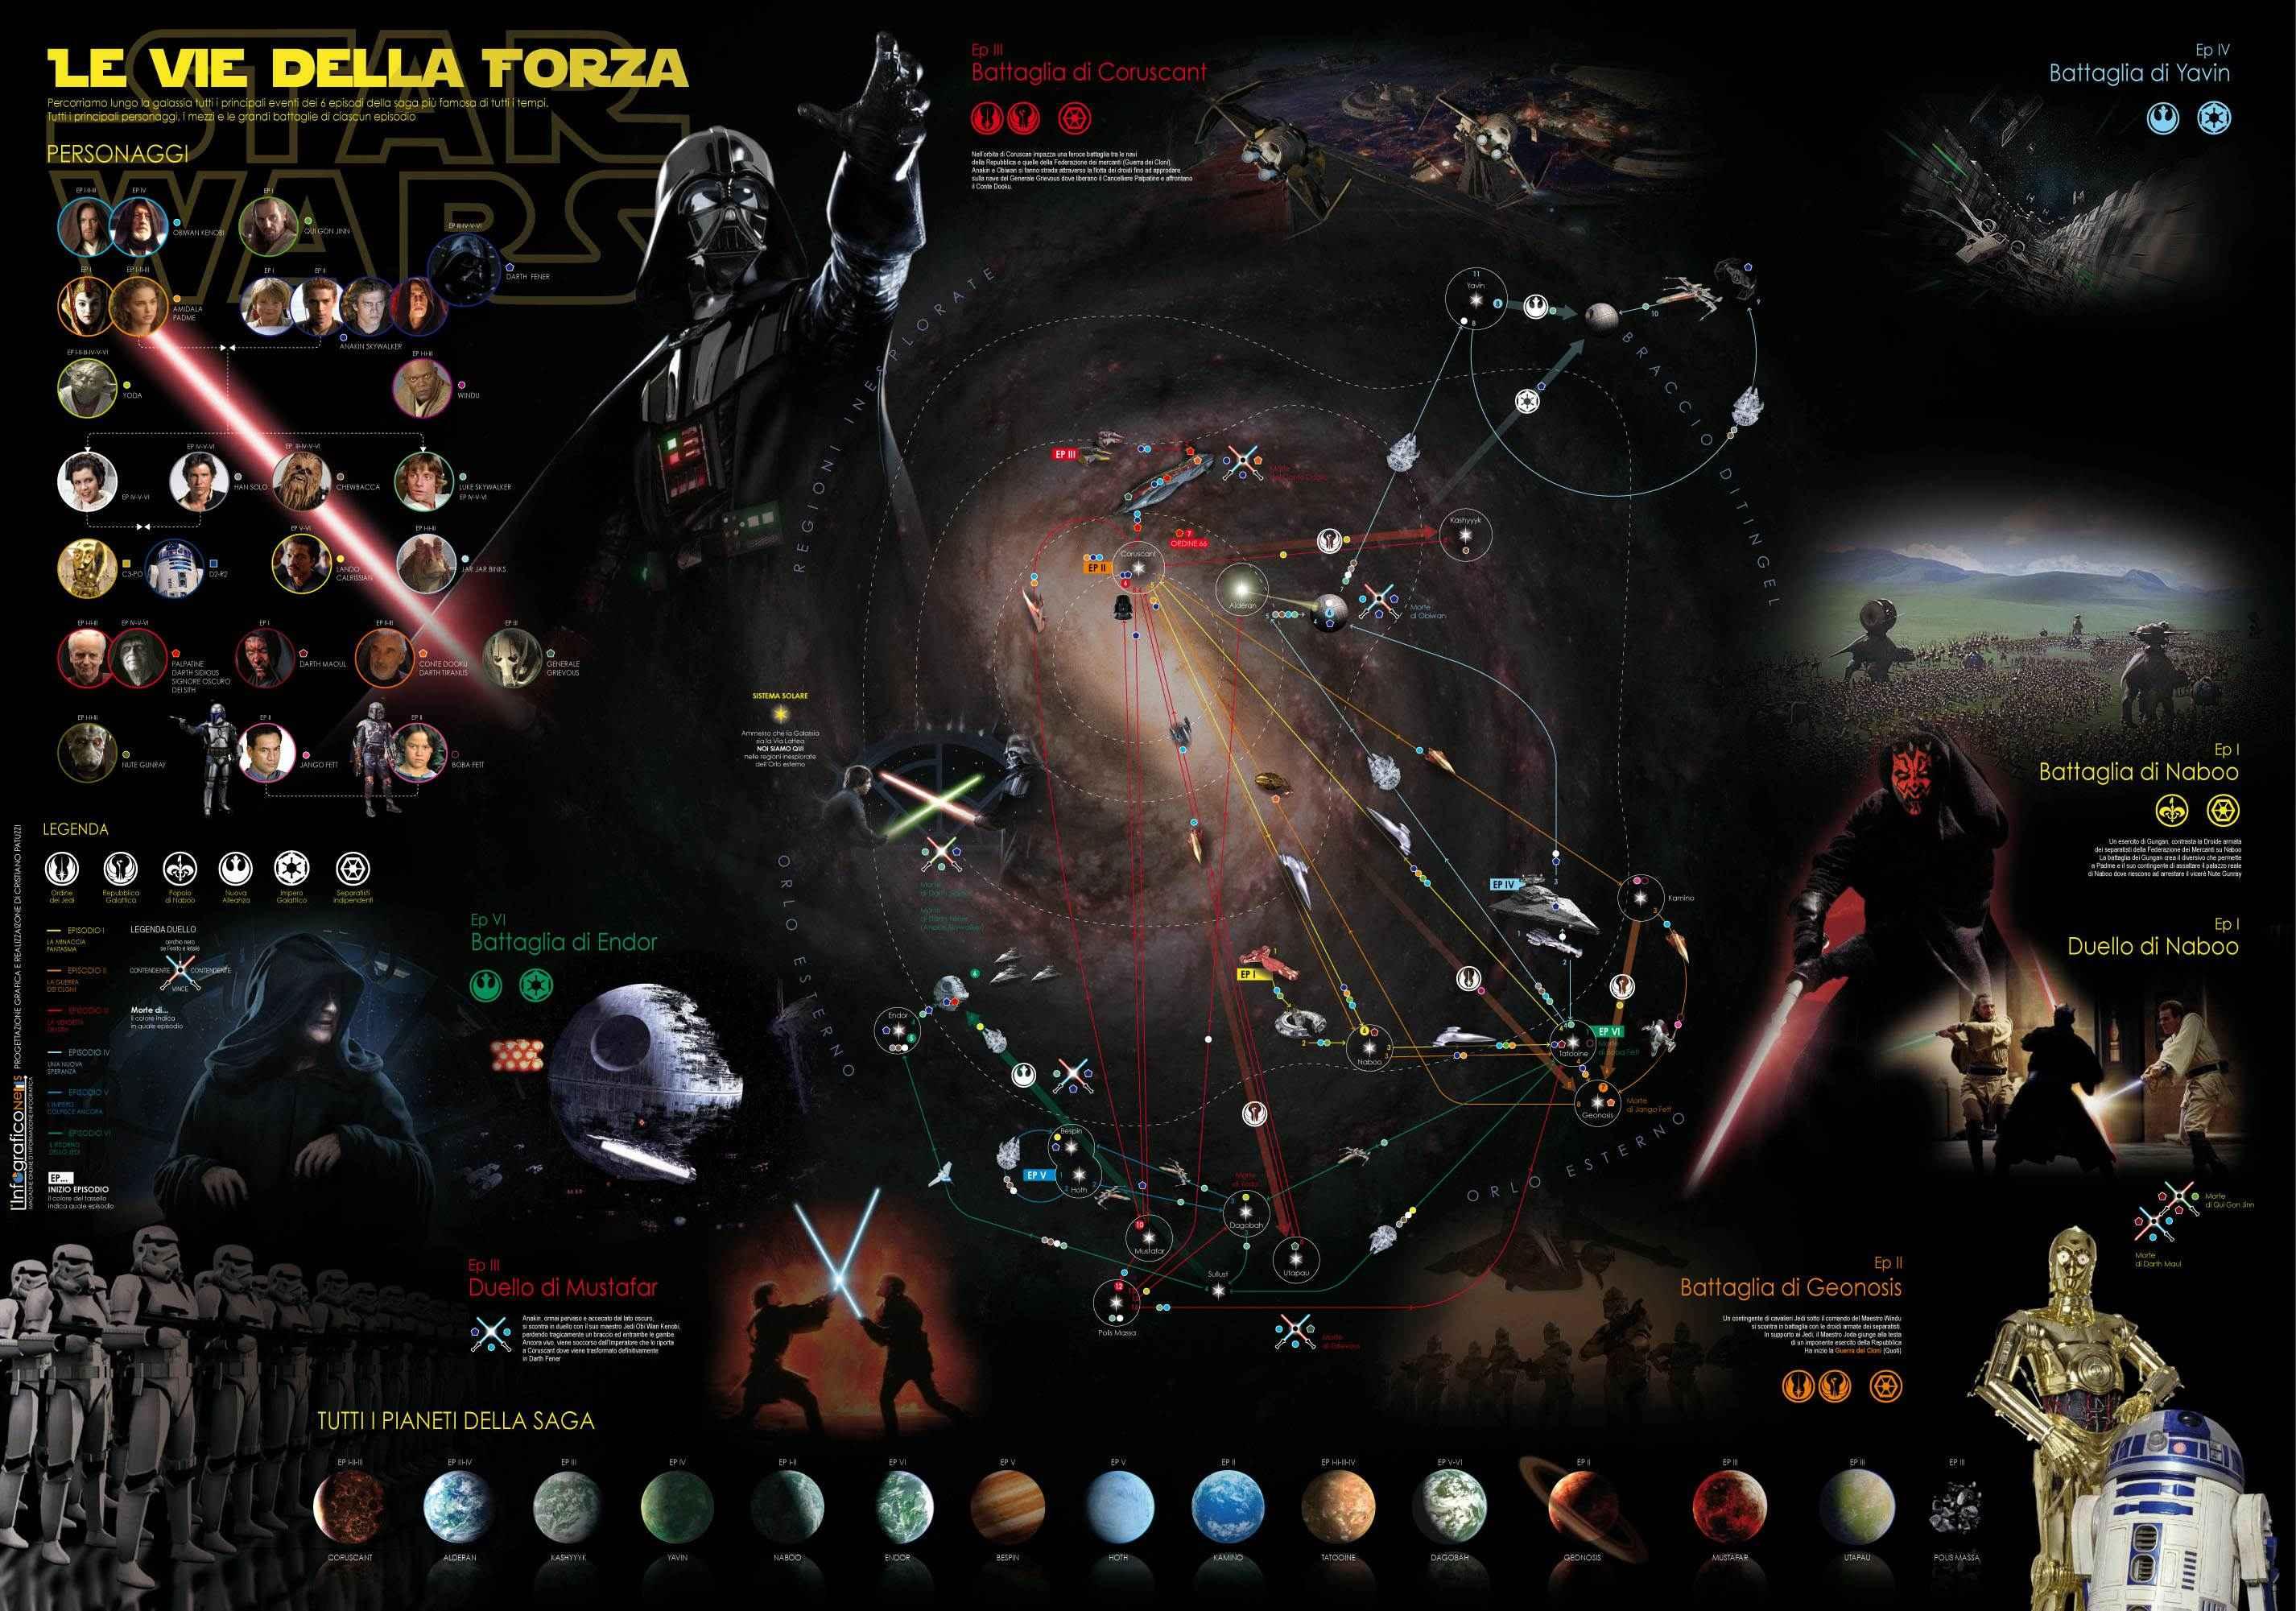 poster-StarWars-le-vie-della-forza